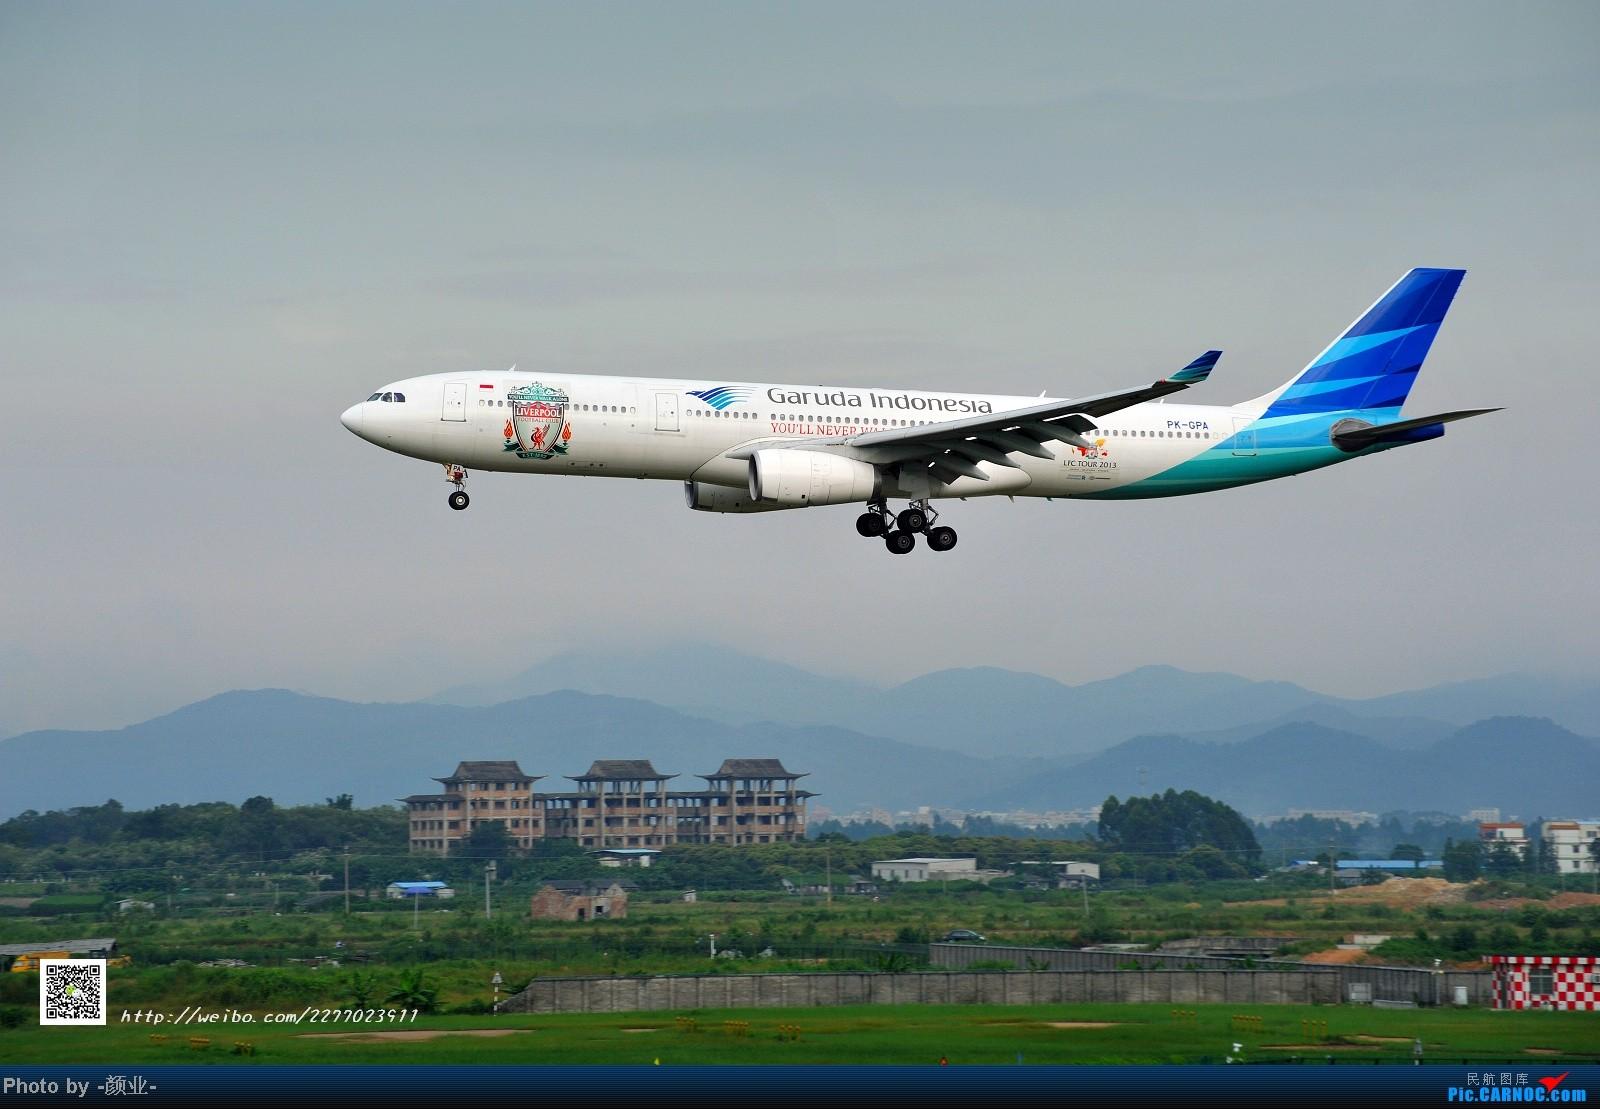 Re:[原创]我的打灰机心情[广州] AIRBUS A330-200 PK-GPA 中国广州白云机场